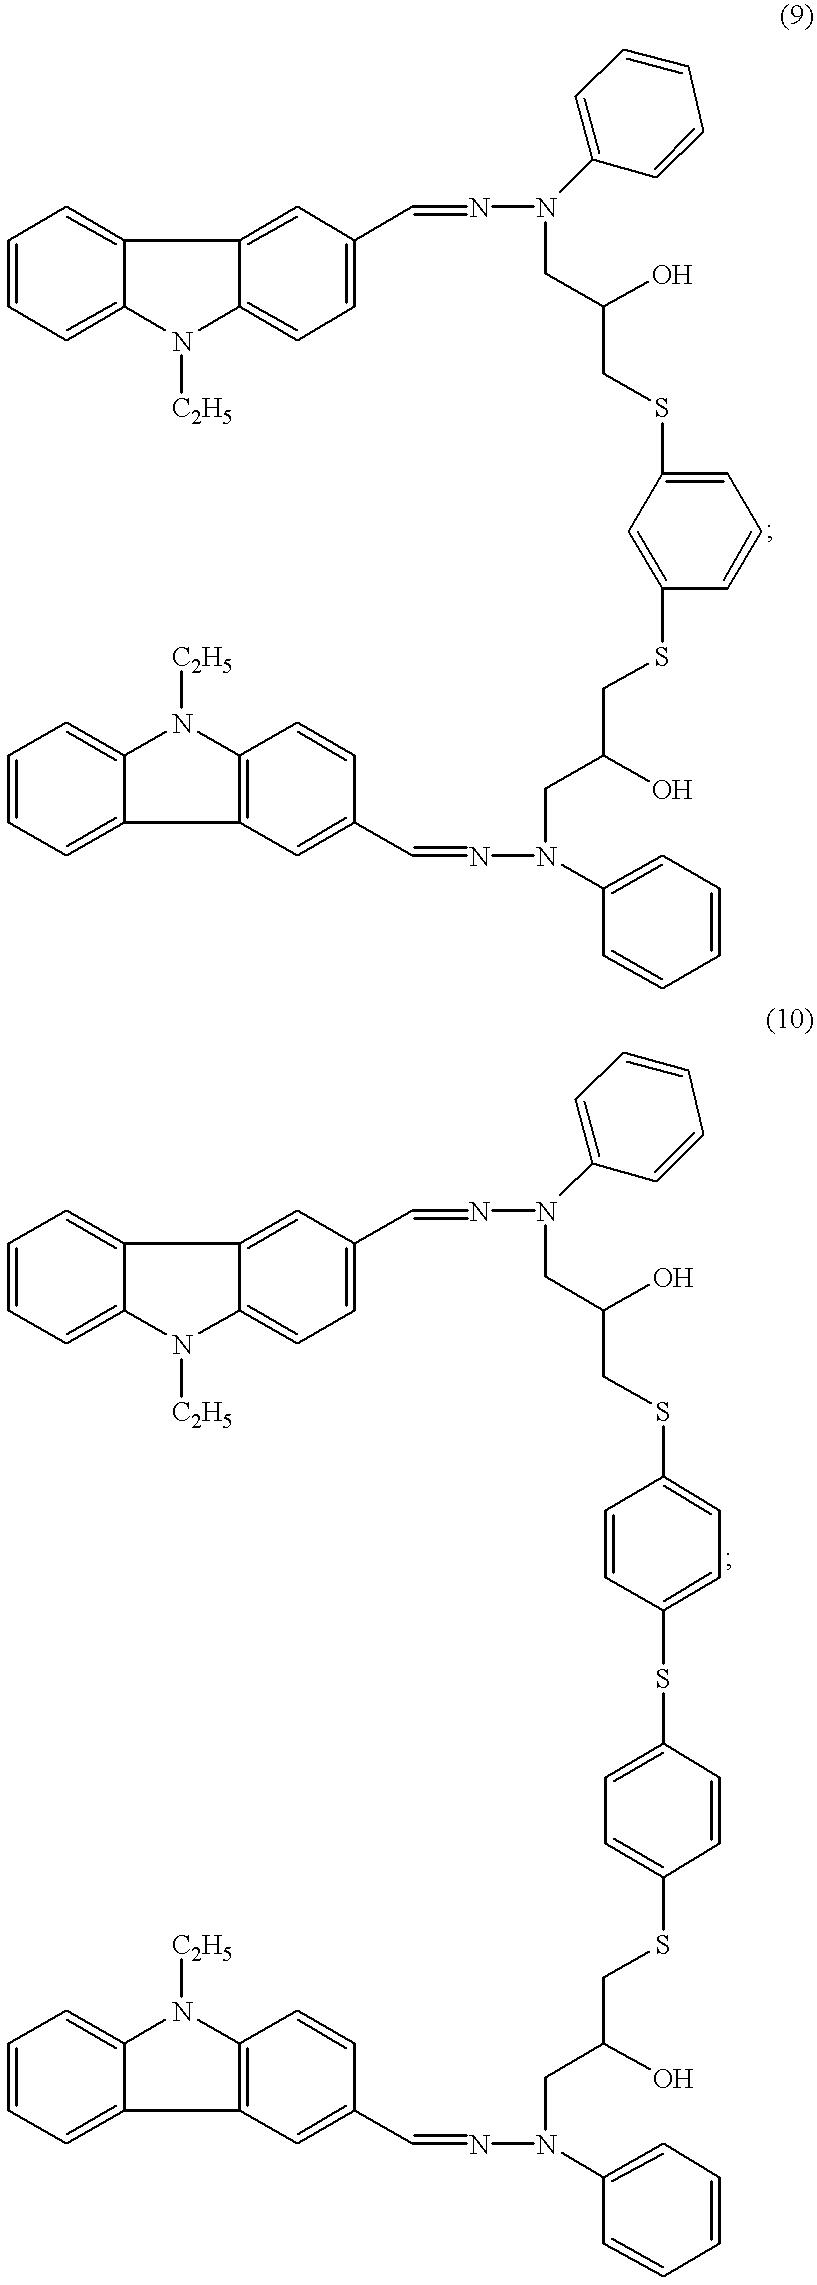 Figure US06214503-20010410-C00020